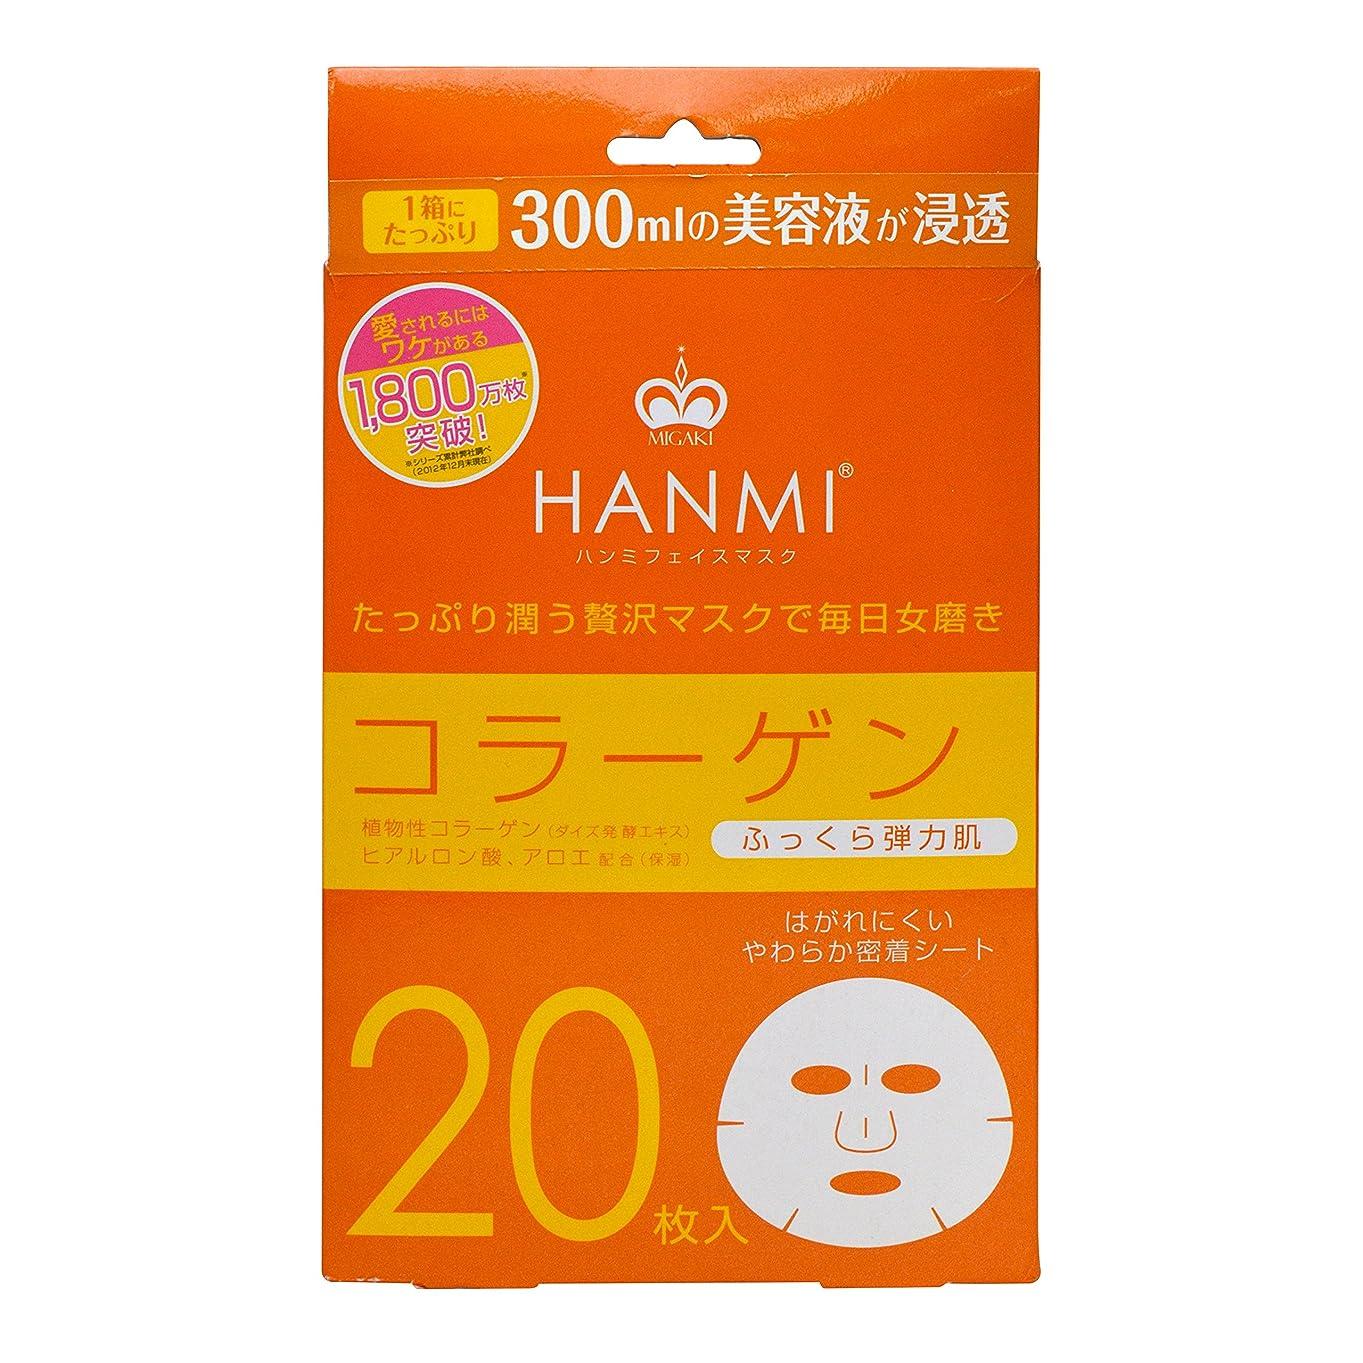 上回る二十ランプMIGAKI ハンミフェイスマスク コラーゲン 20枚入り